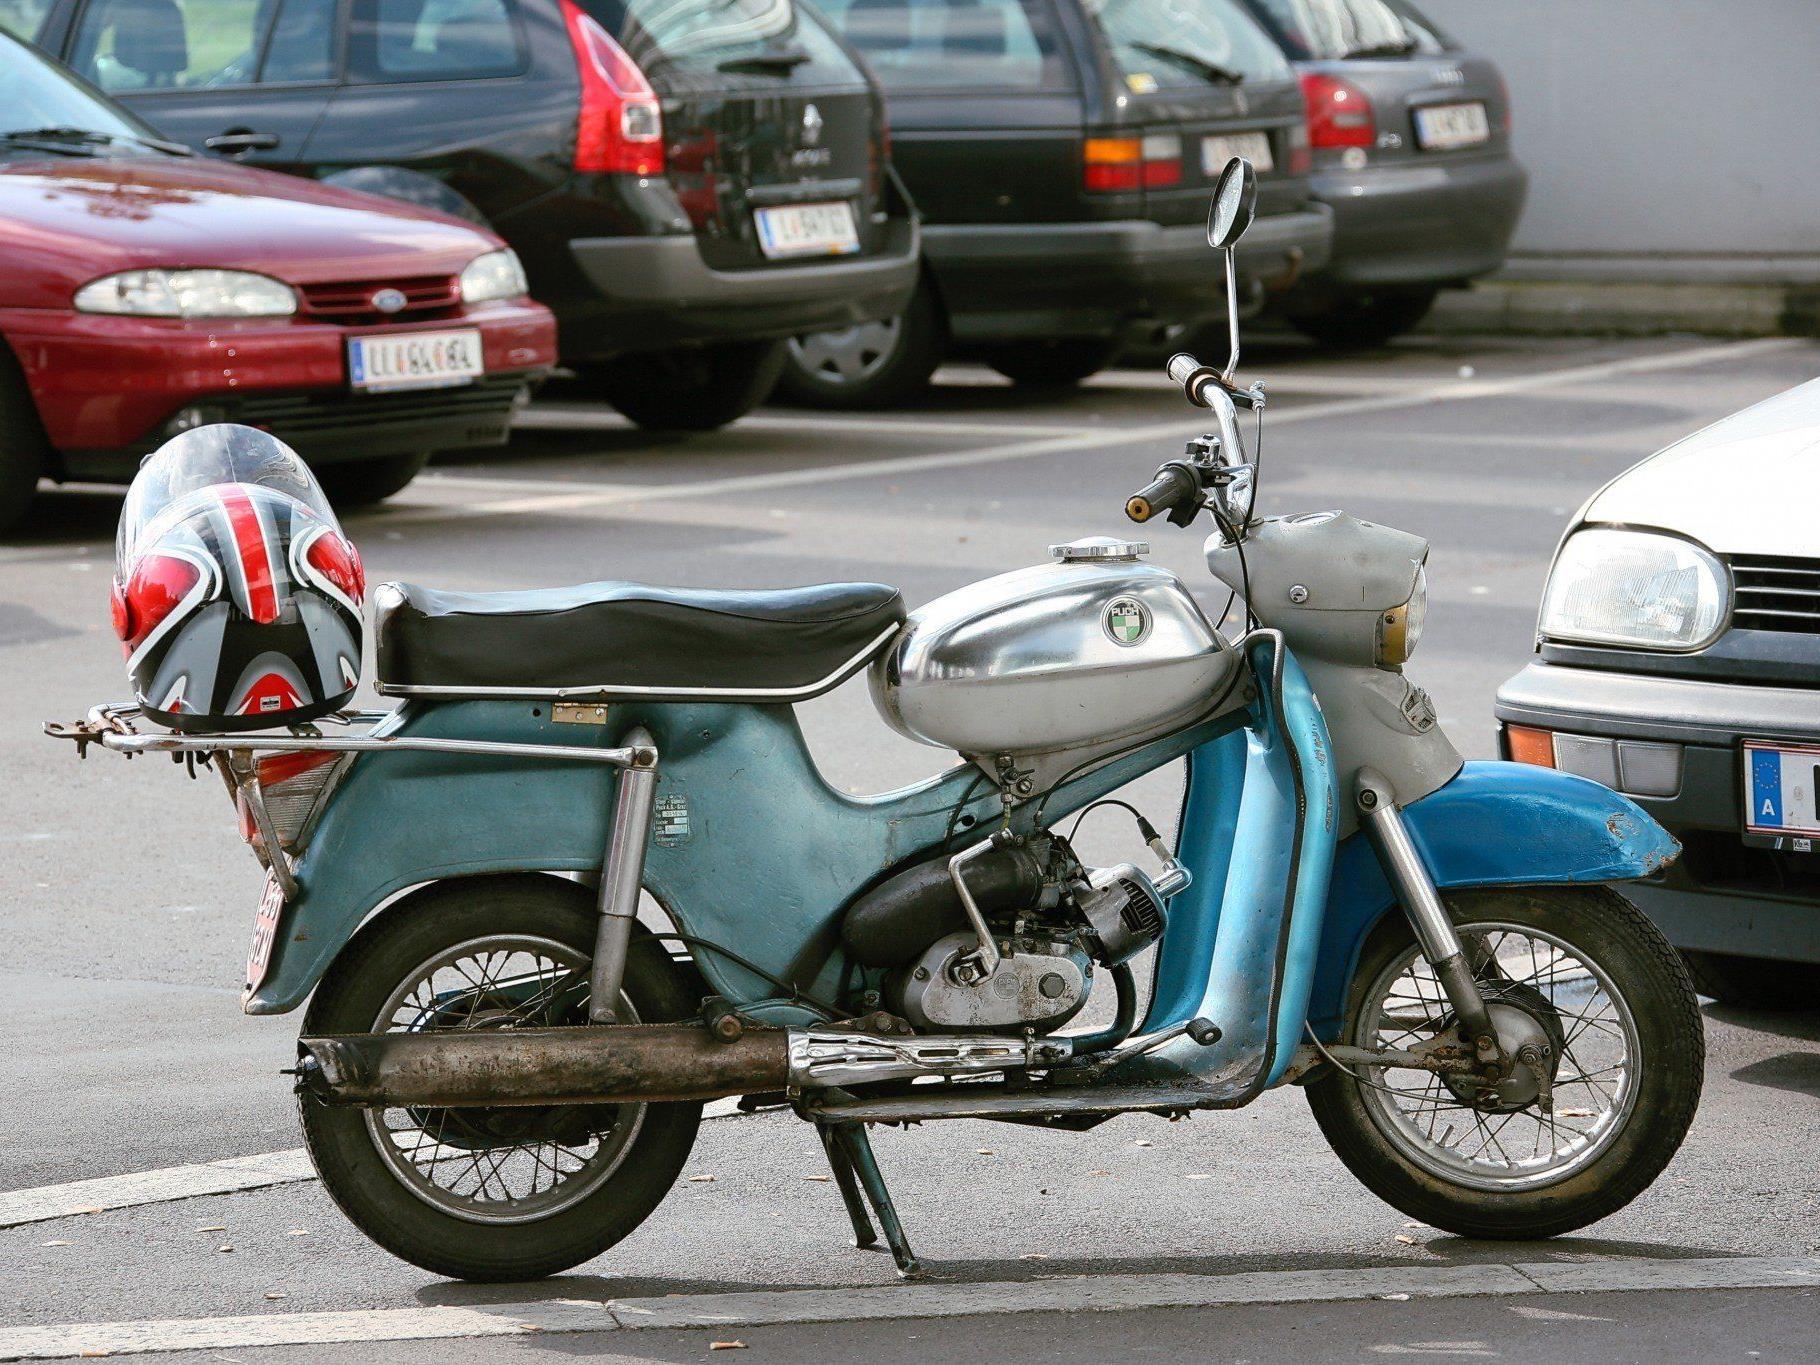 Ein Jugendlicher war in Liesing mit einem gestohlenen Moped unterwegs